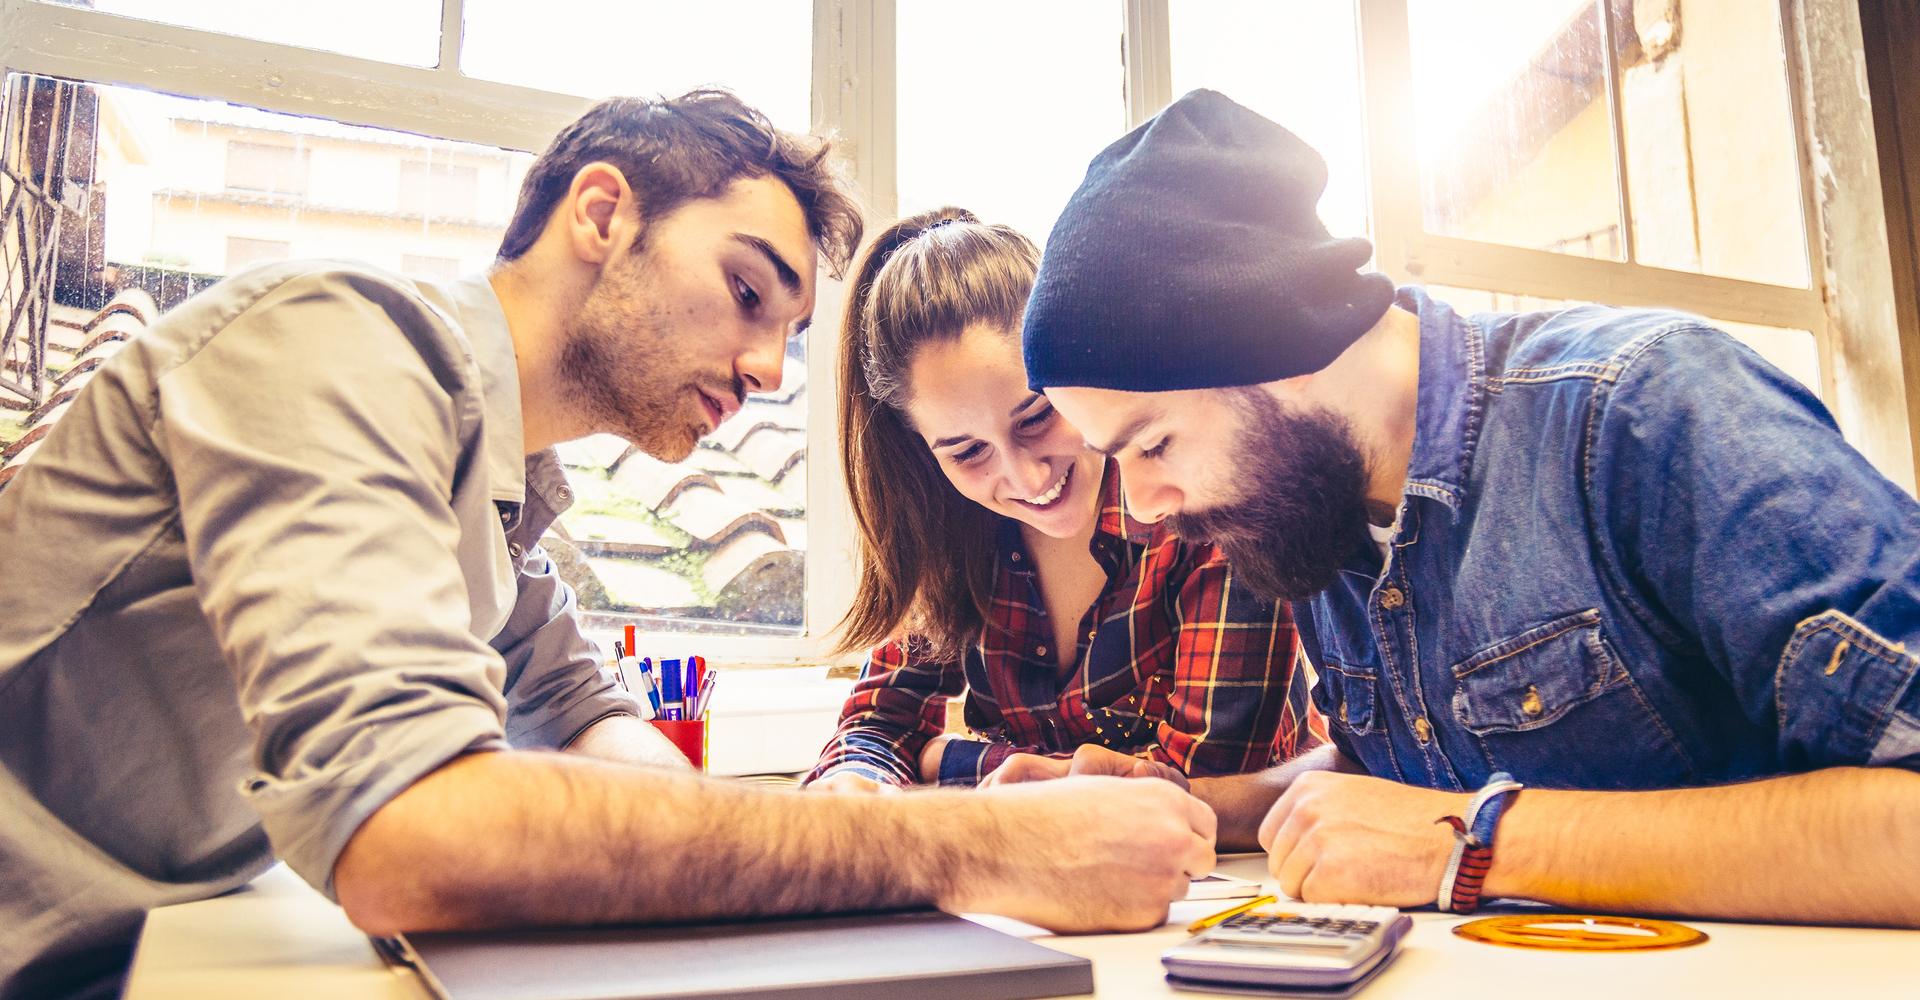 Drei Leute arbeiten gemeinsam an einem Projekt